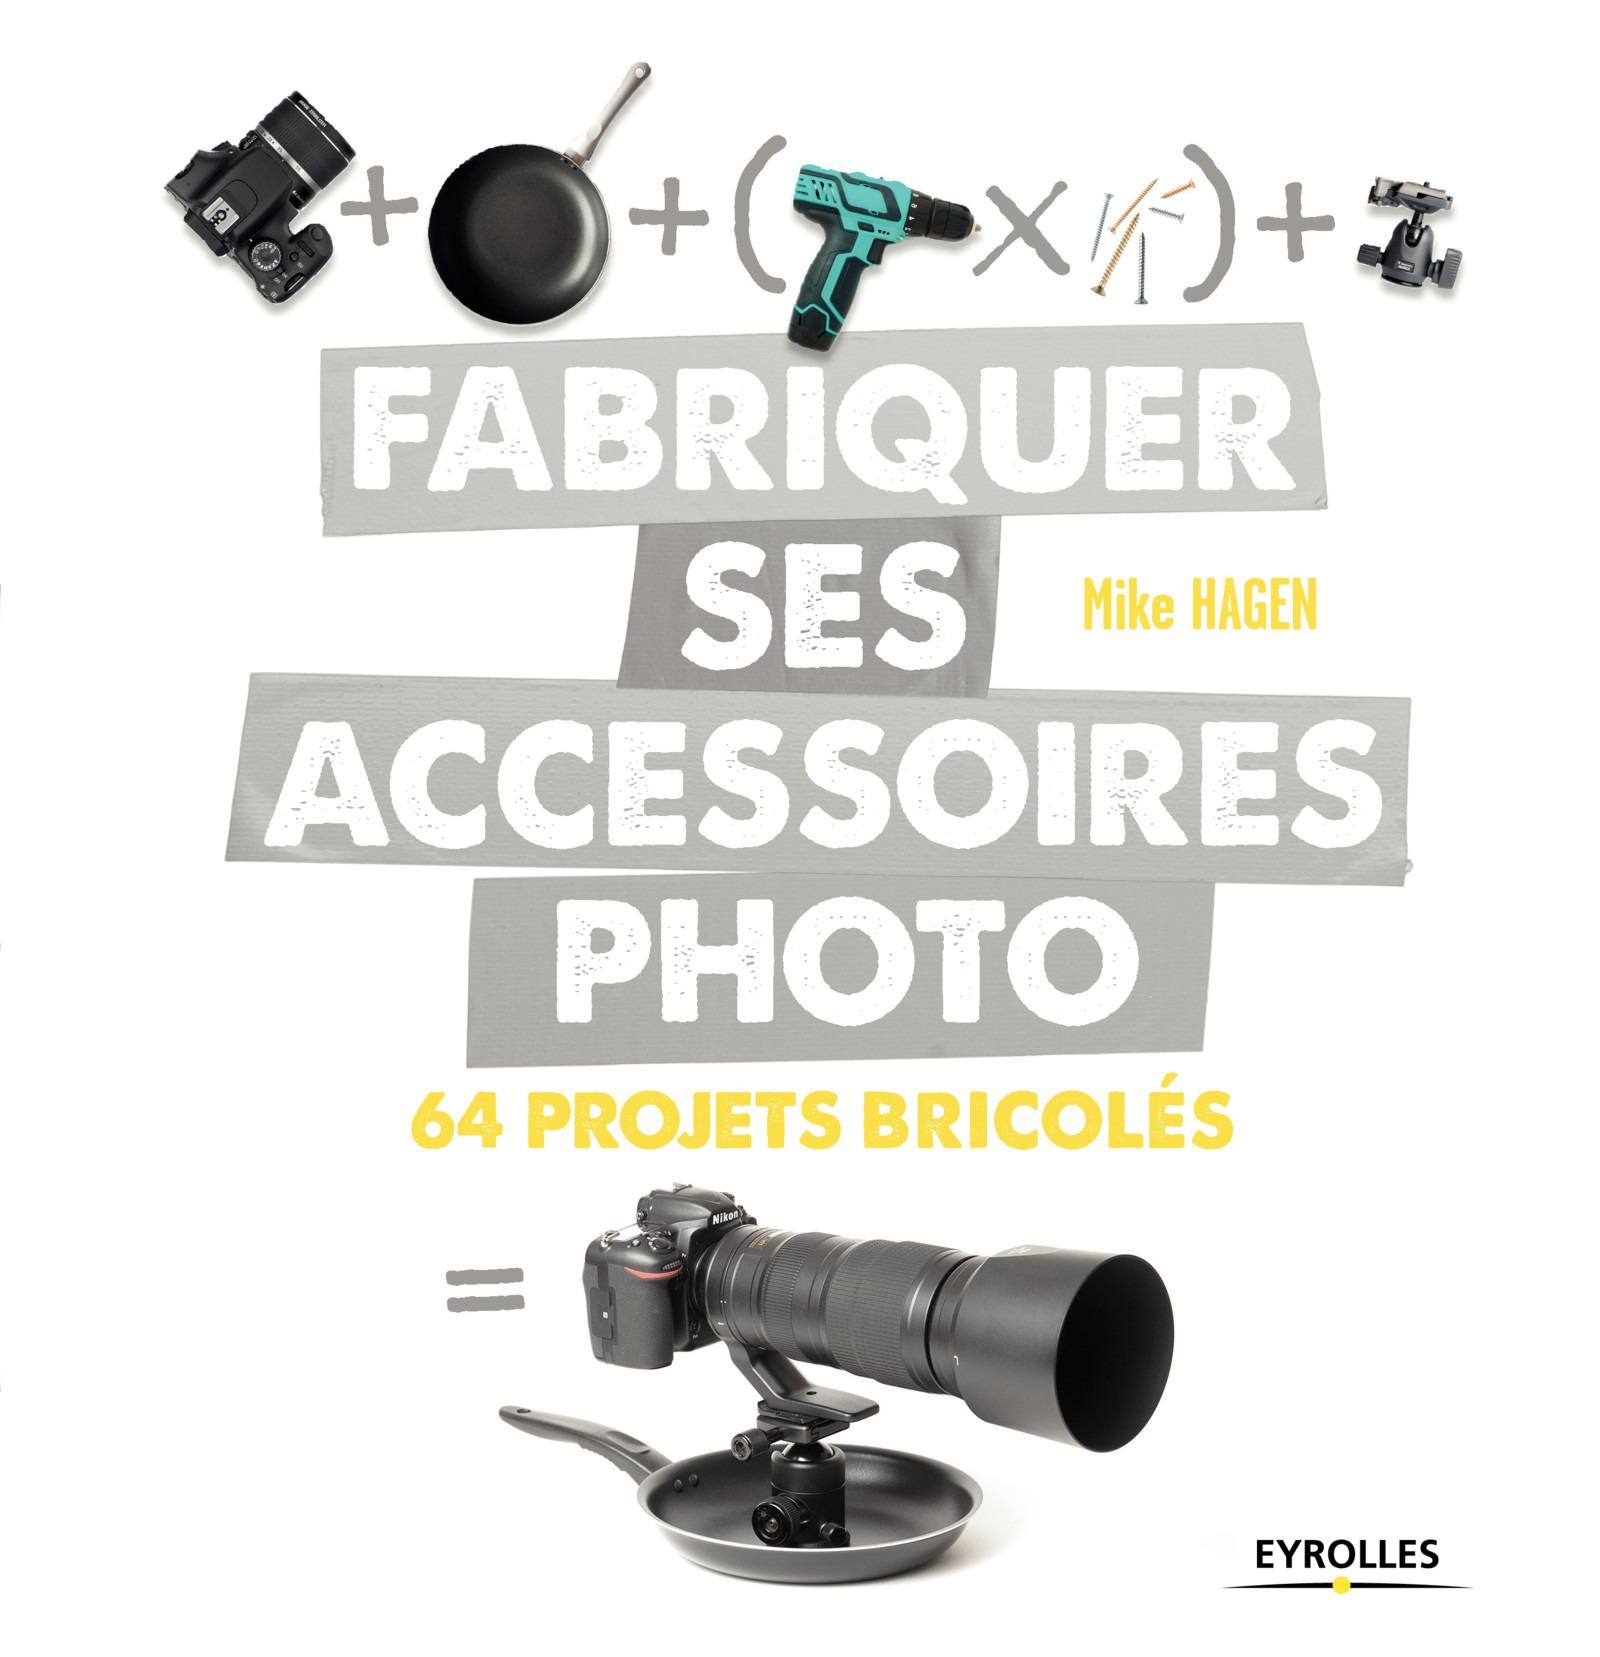 Fabriquer ses accessoires photo, 64 PROJETS BRICOLÉS